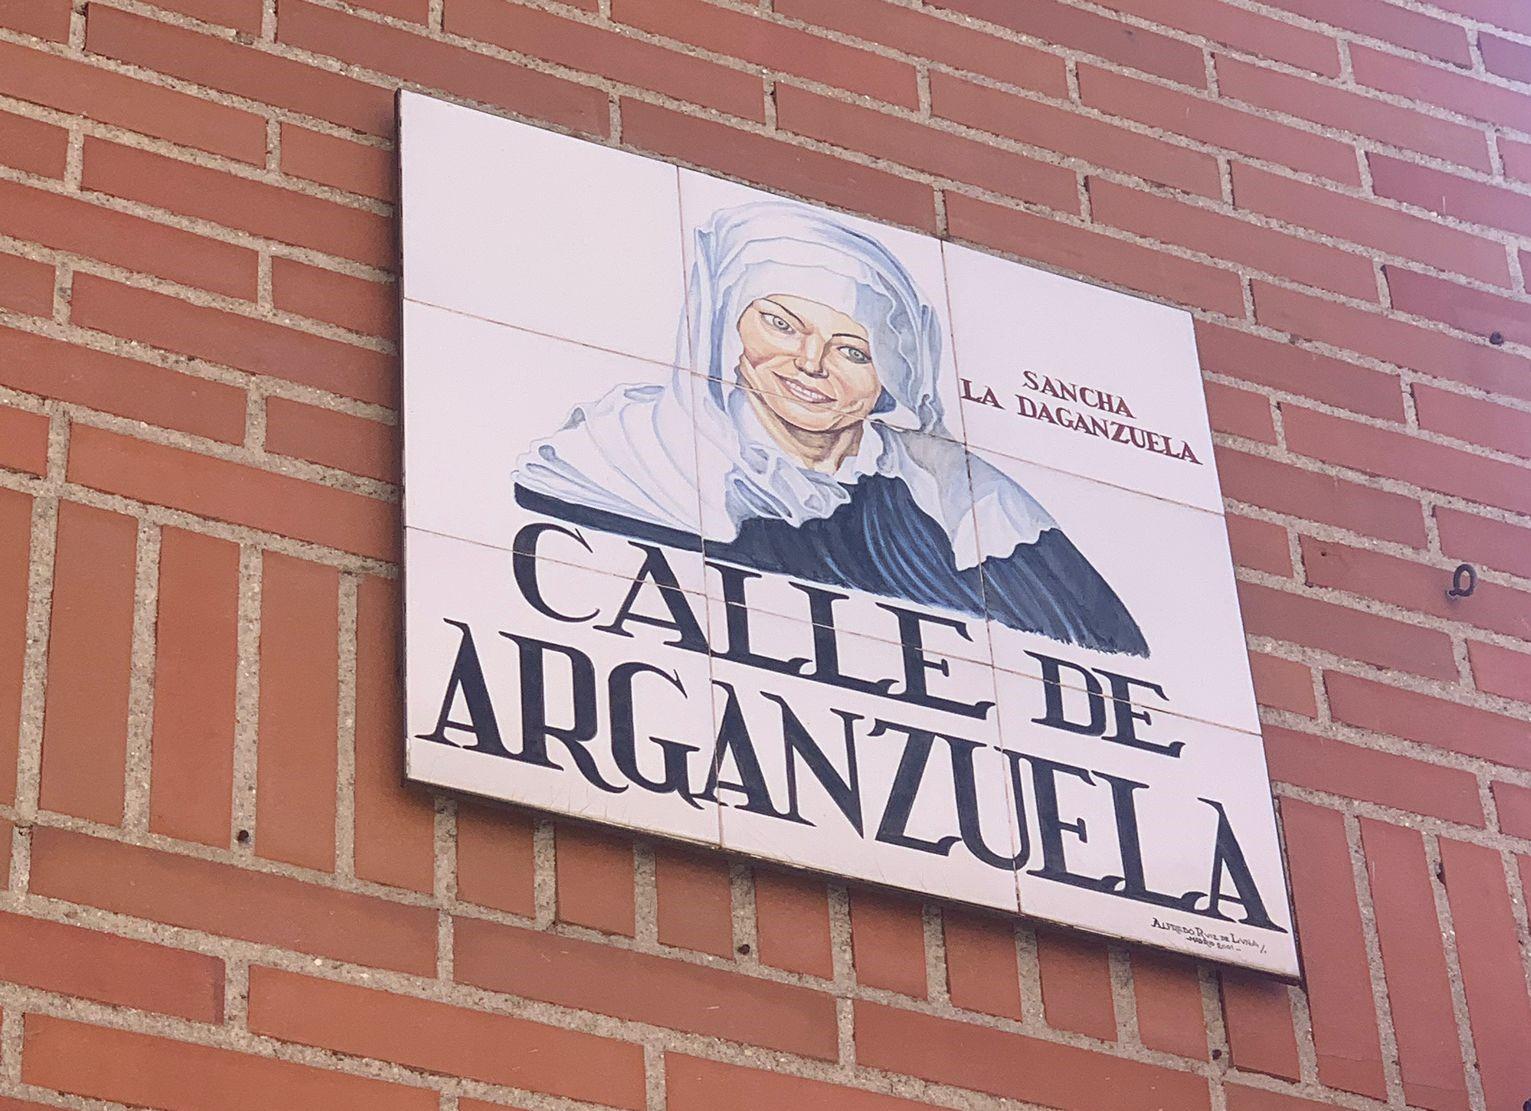 Placa calle arganzuela